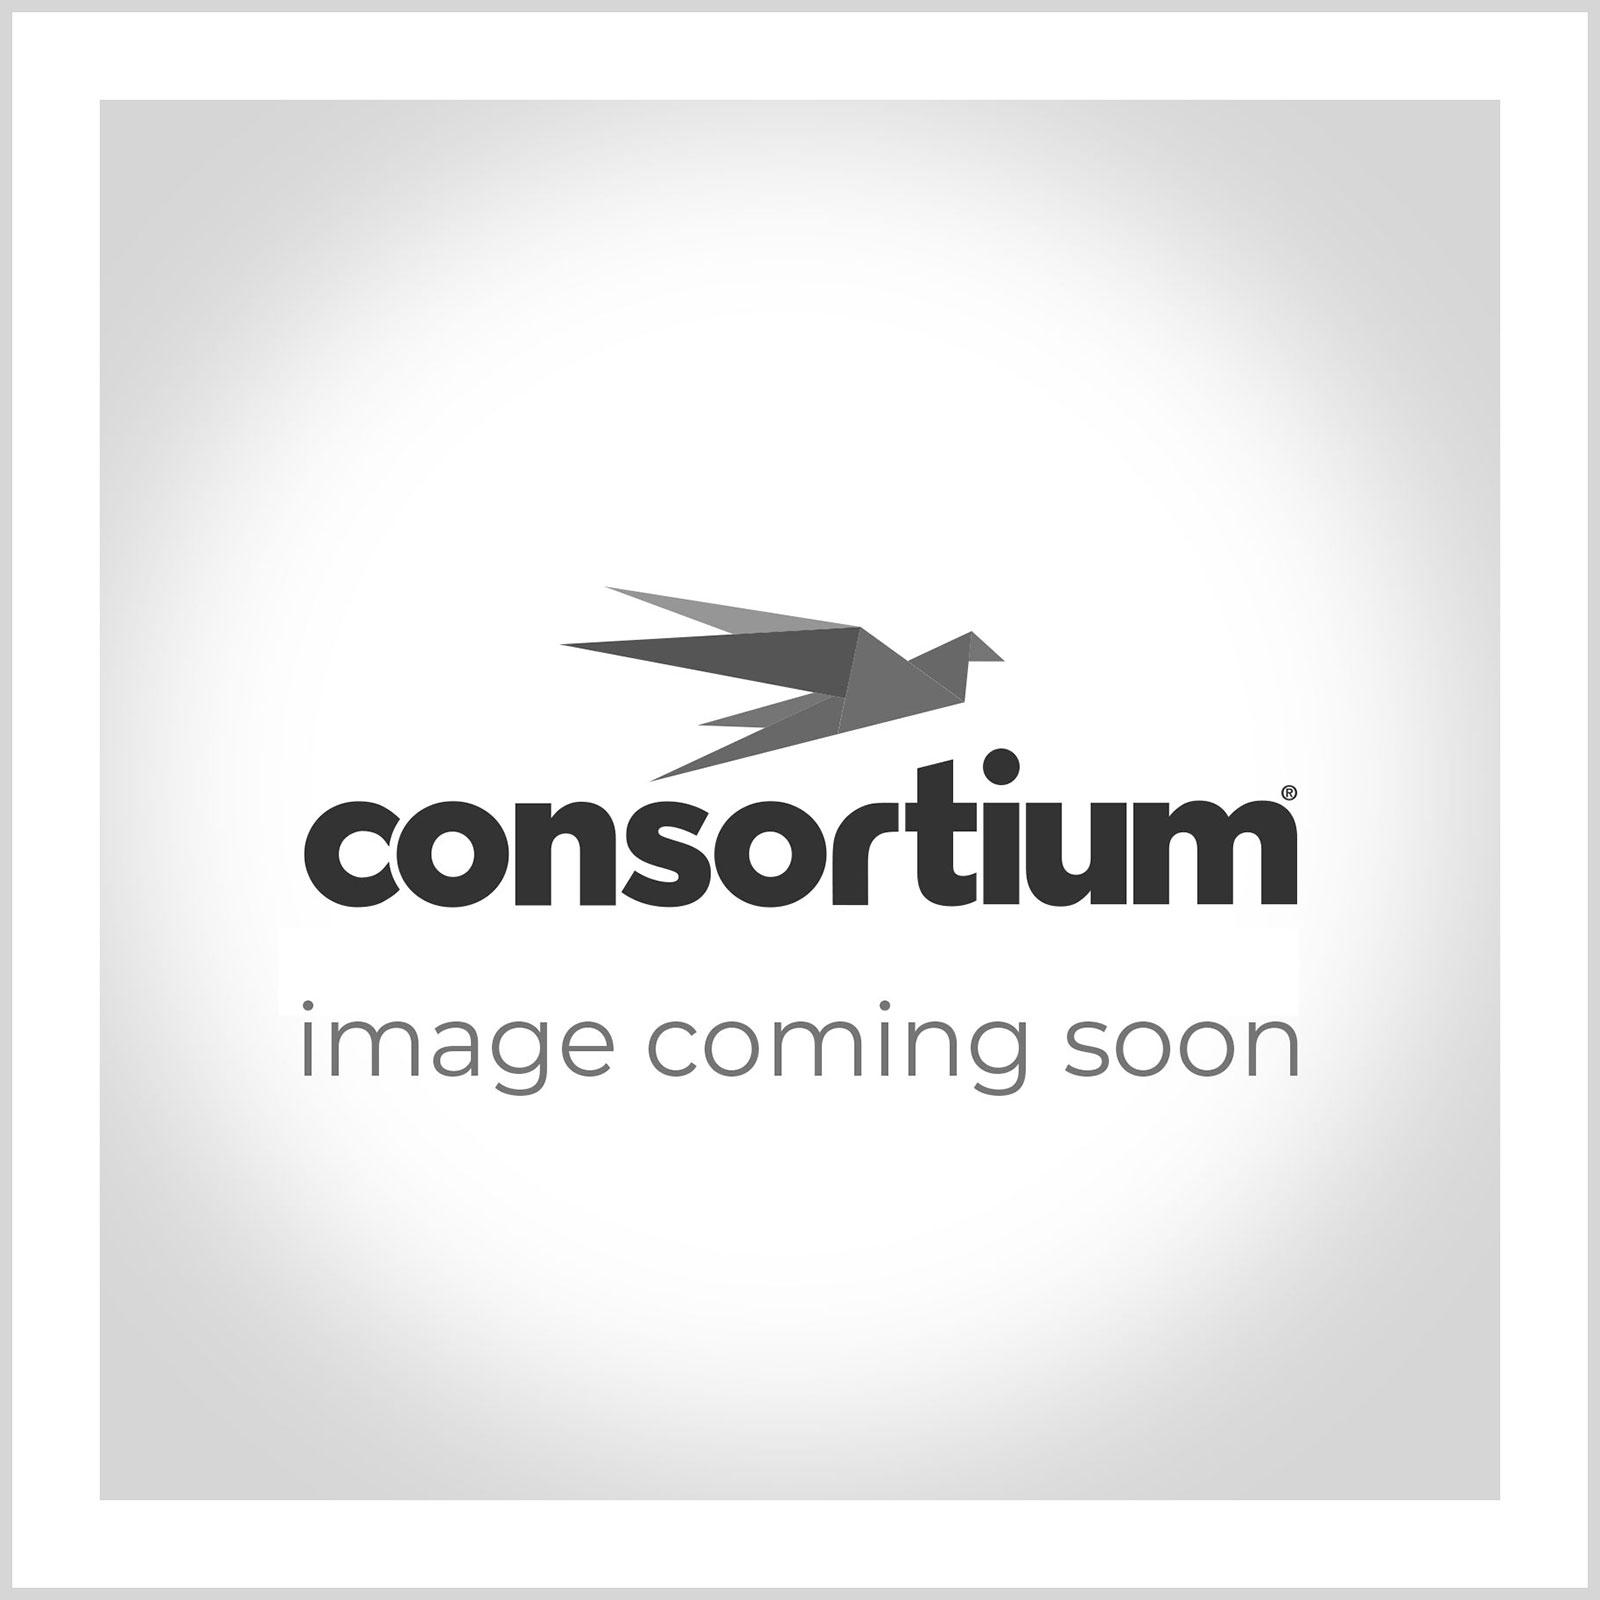 Value 6 in 1 Dishwasher Tablets